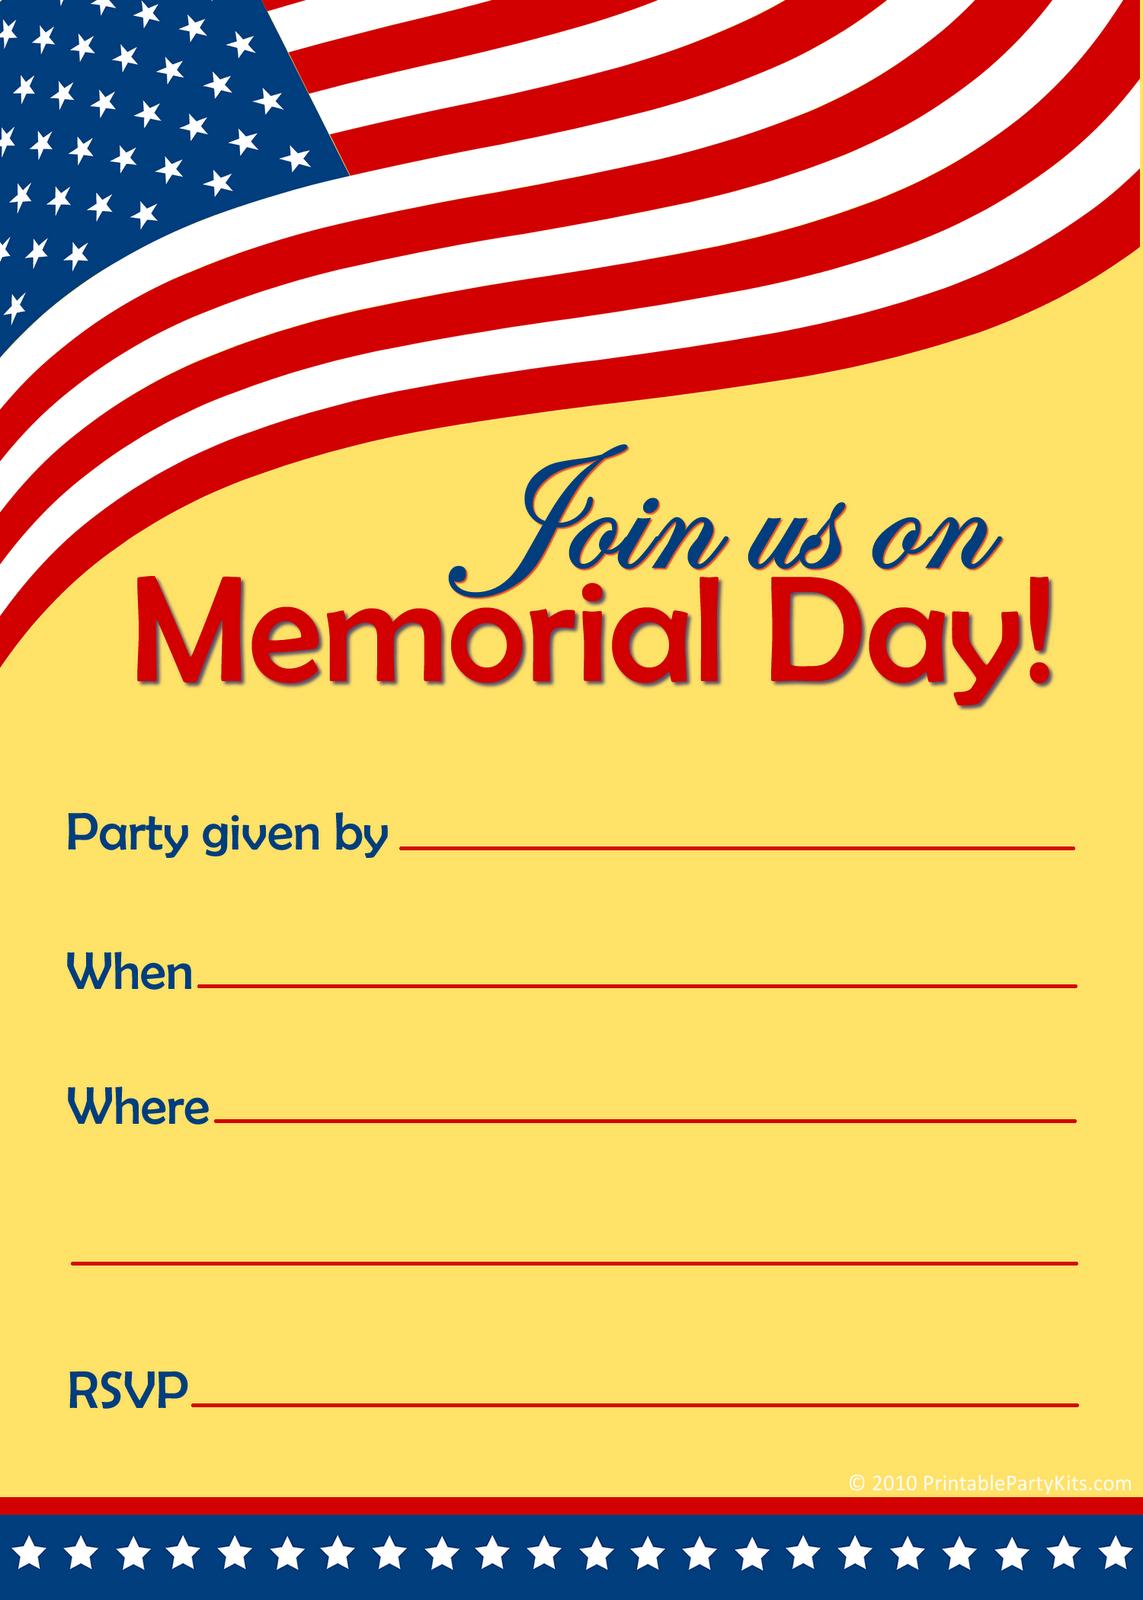 Memorial Day Pics Free Download